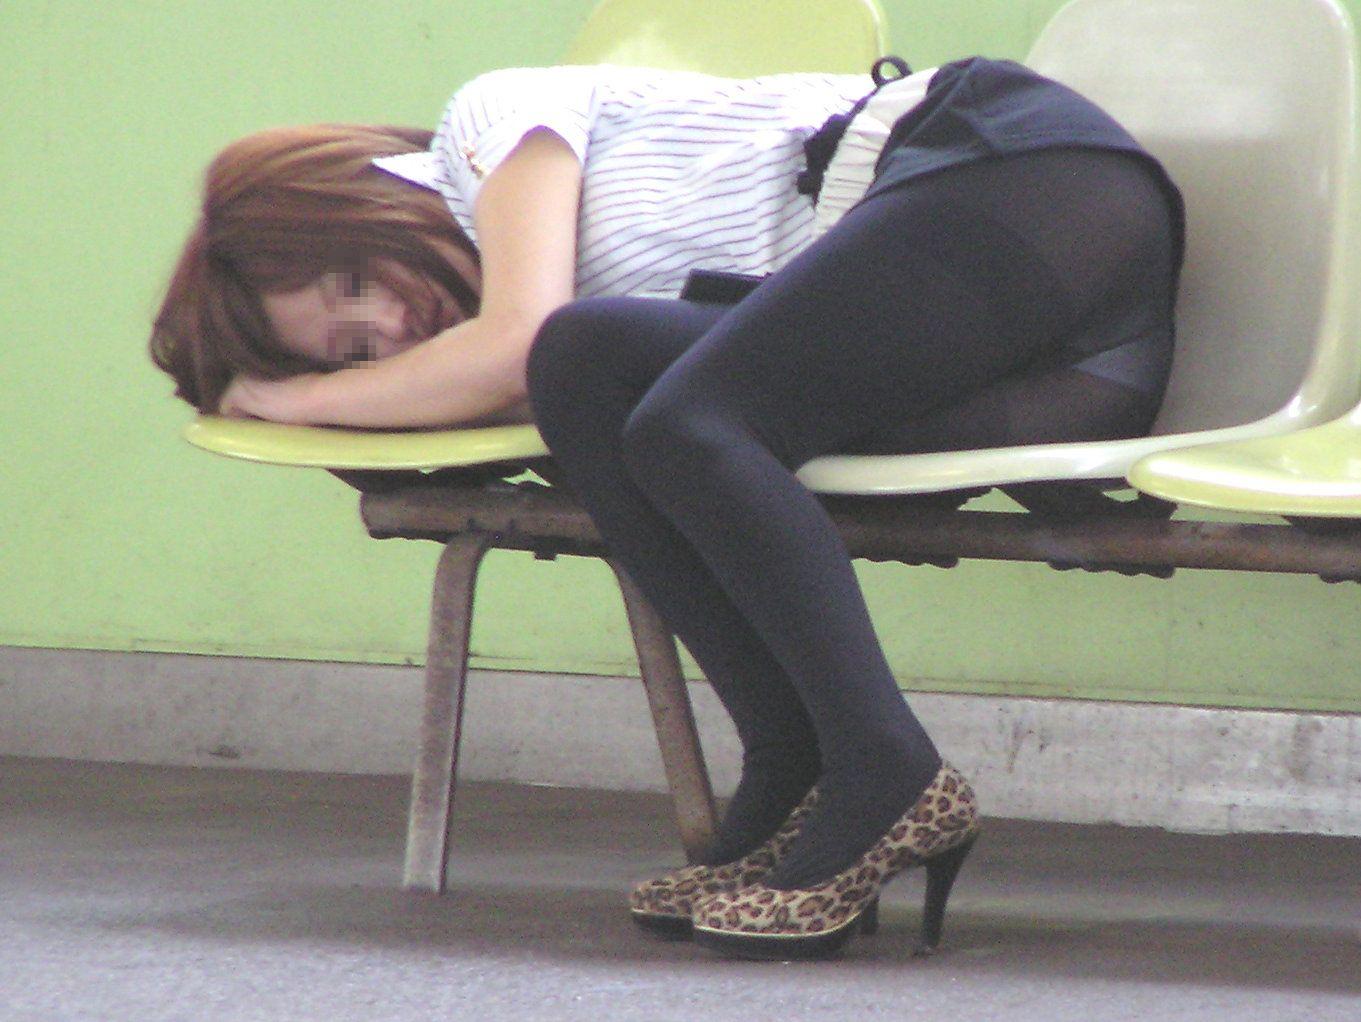 駅のベンチでパンチラ爆睡